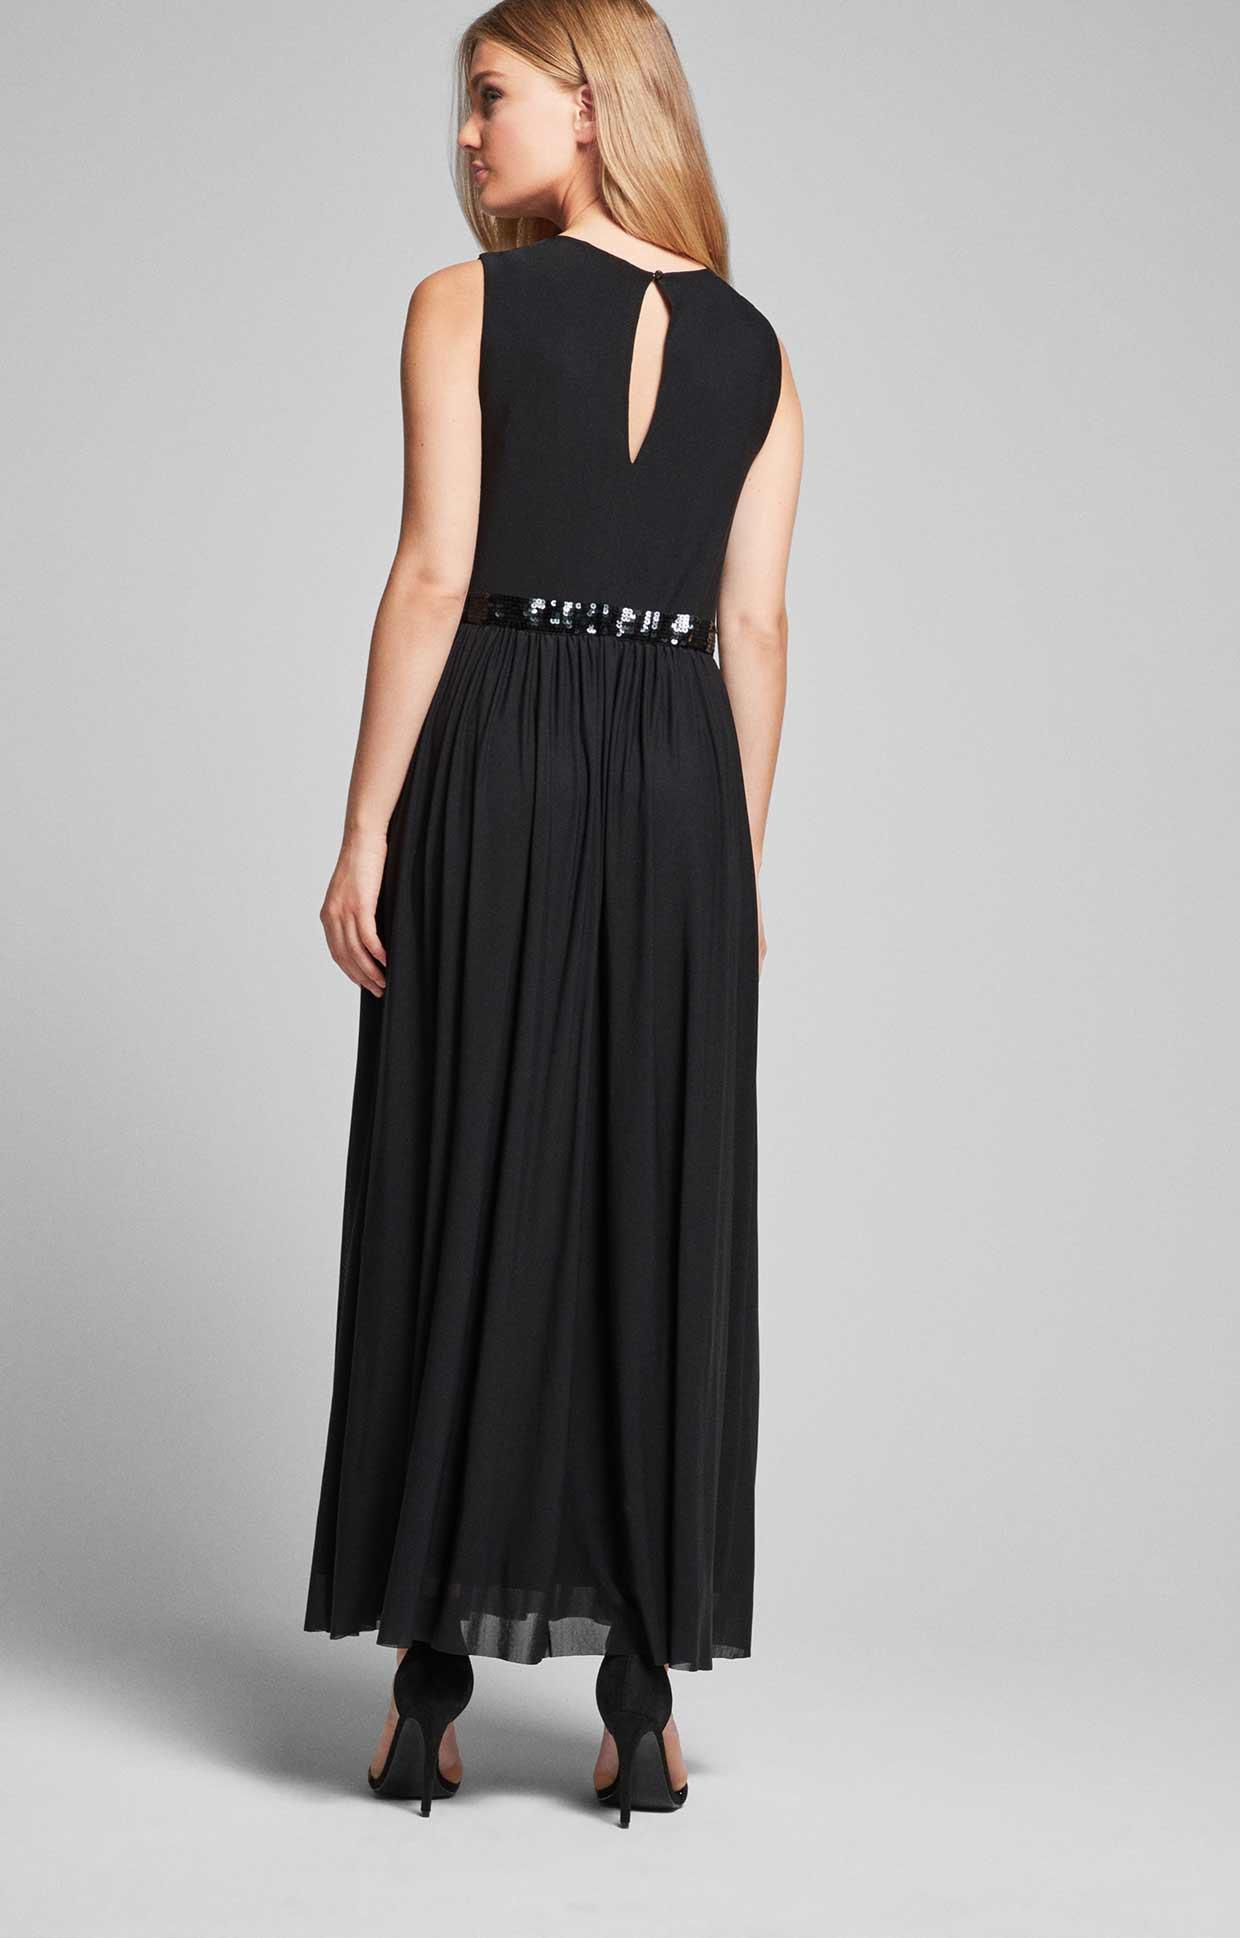 Großartig Chiffon Abend Kleid Spezialgebiet10 Leicht Chiffon Abend Kleid Galerie